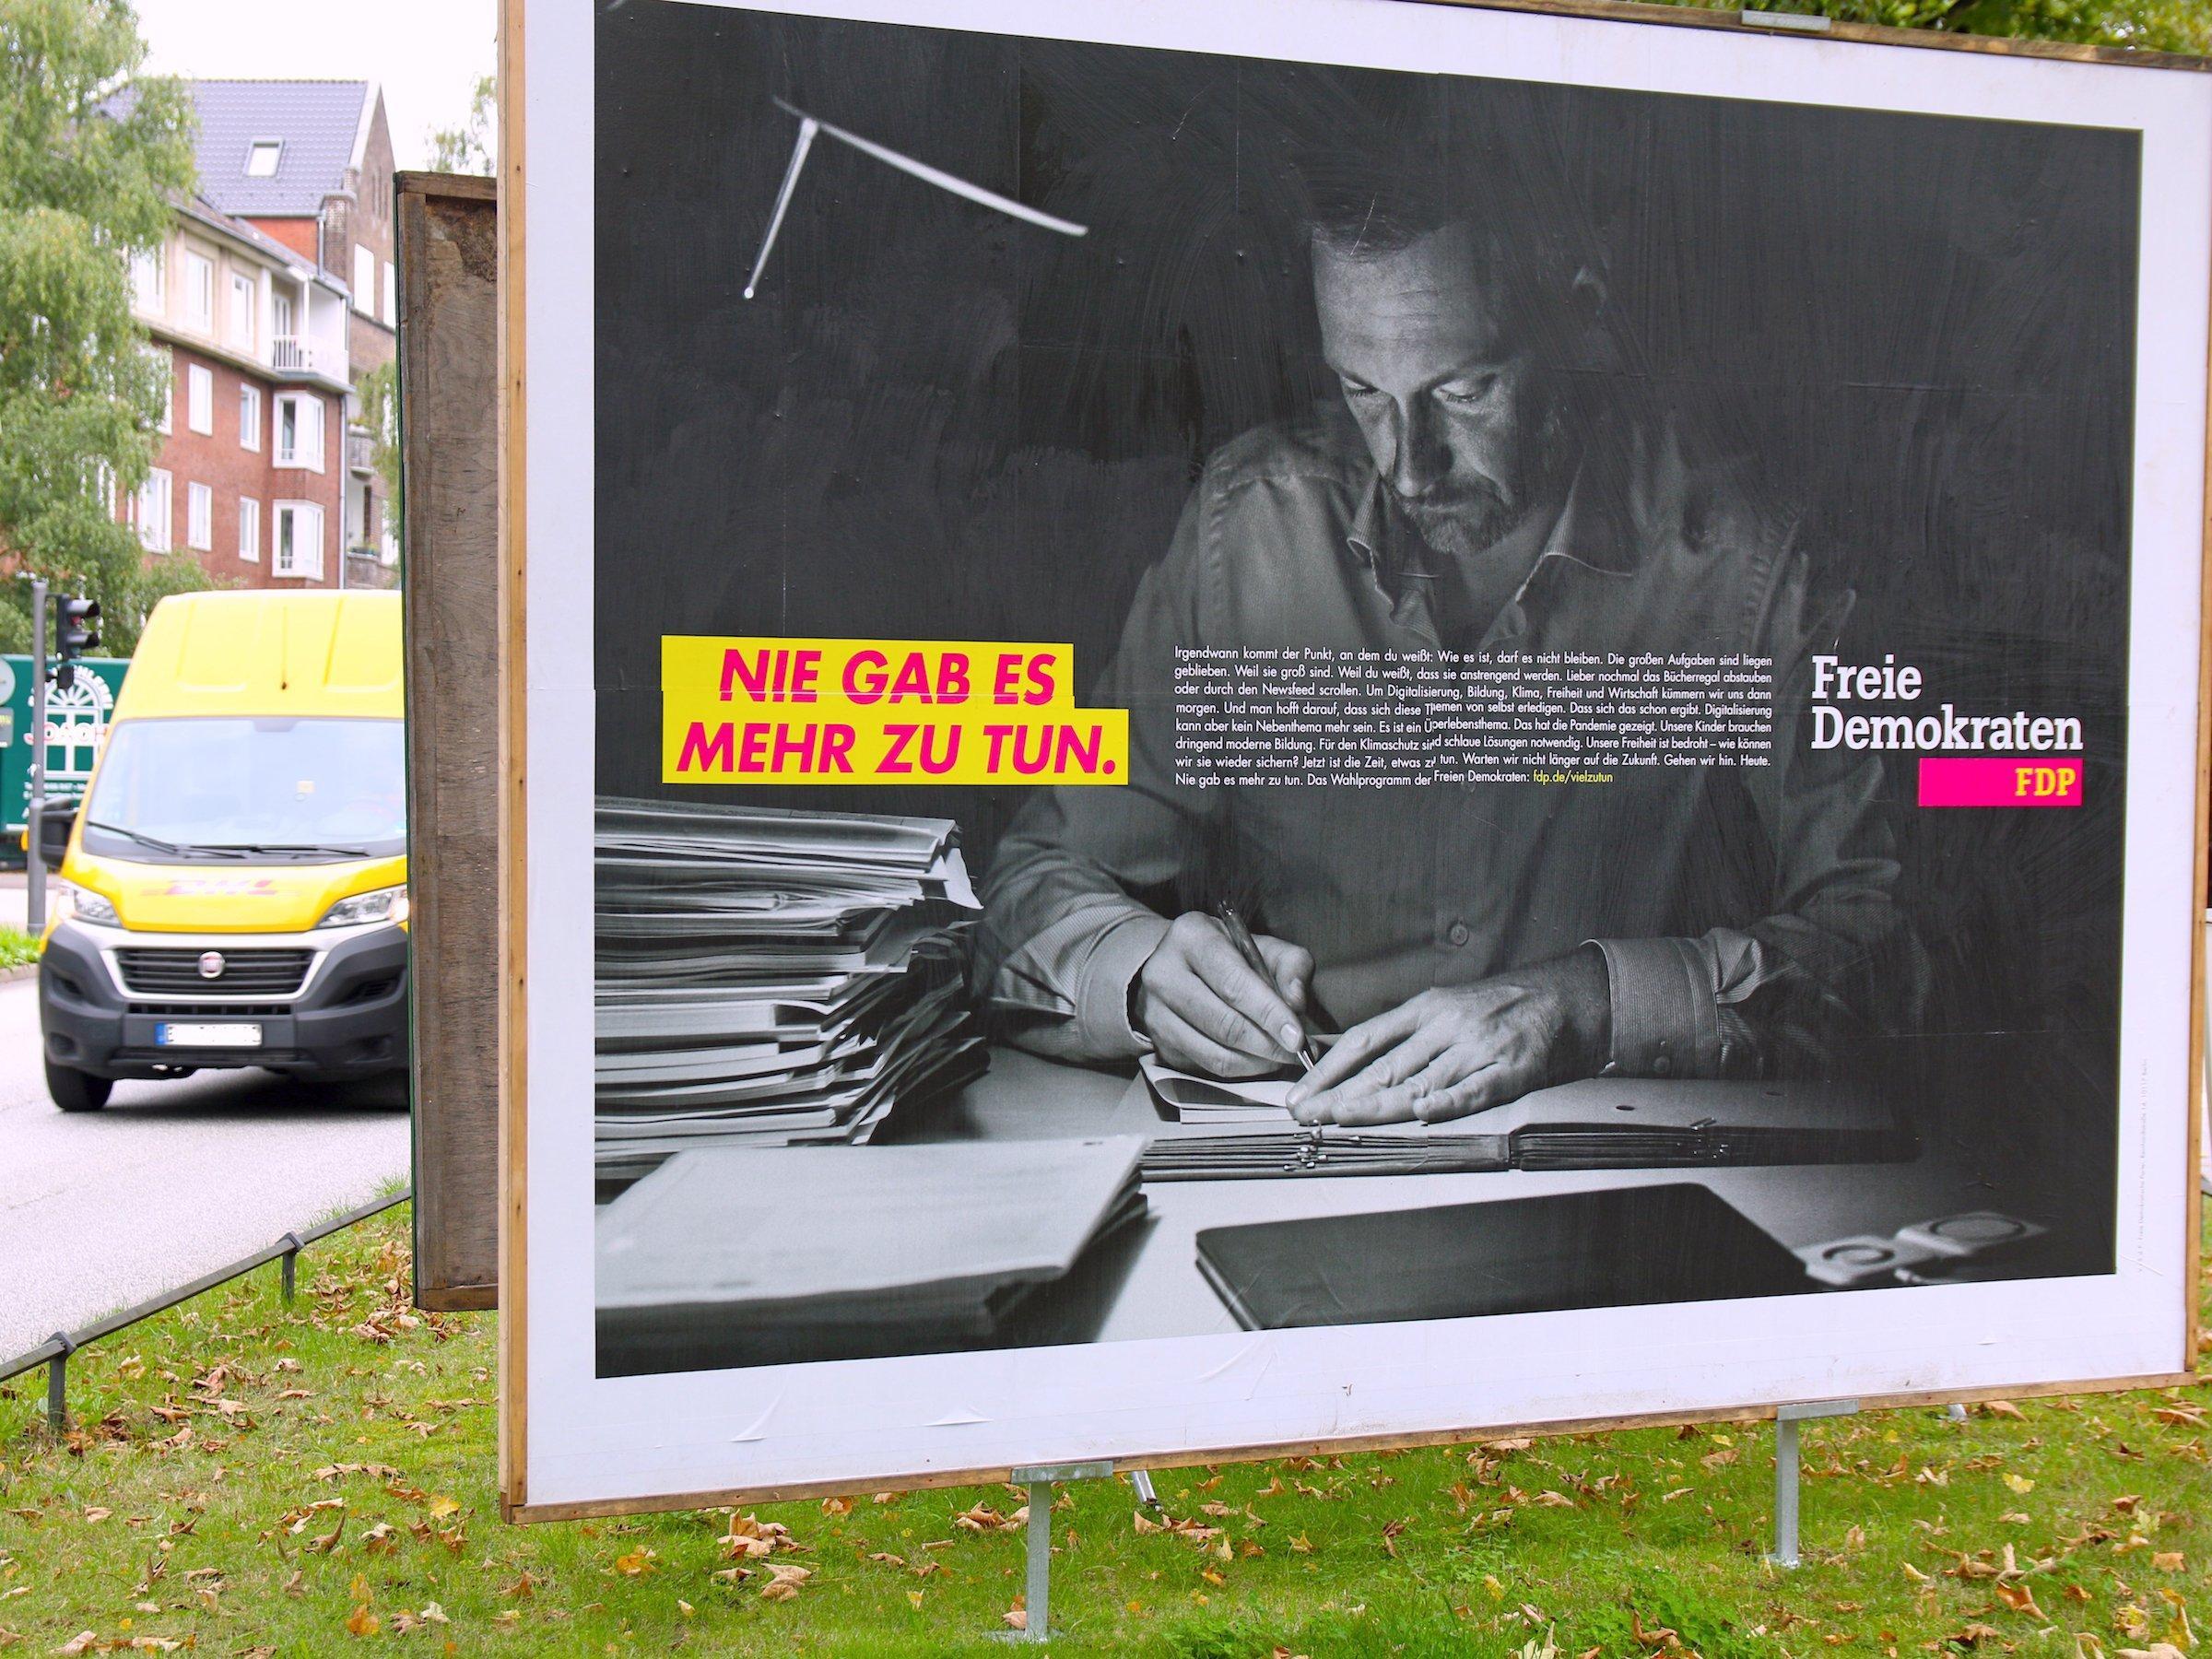 """Wahlplakat der FDP: Partei-Chef Christian Lindner sitzt nachts am Schreibtisch und macht Notizen in einer Kladde. Neben ihm auf dem Schwarz-Weiß-Foto liegt ein Stapel Aktendeckel. Der Slogan in geblockten Buchstaben auf gelbem Grund ist: """"Nie gab es mehr zu tun"""". Das Plakat steht auf einem Grünstreifen, links fährt ein gelber Lieferwagen vorbei."""